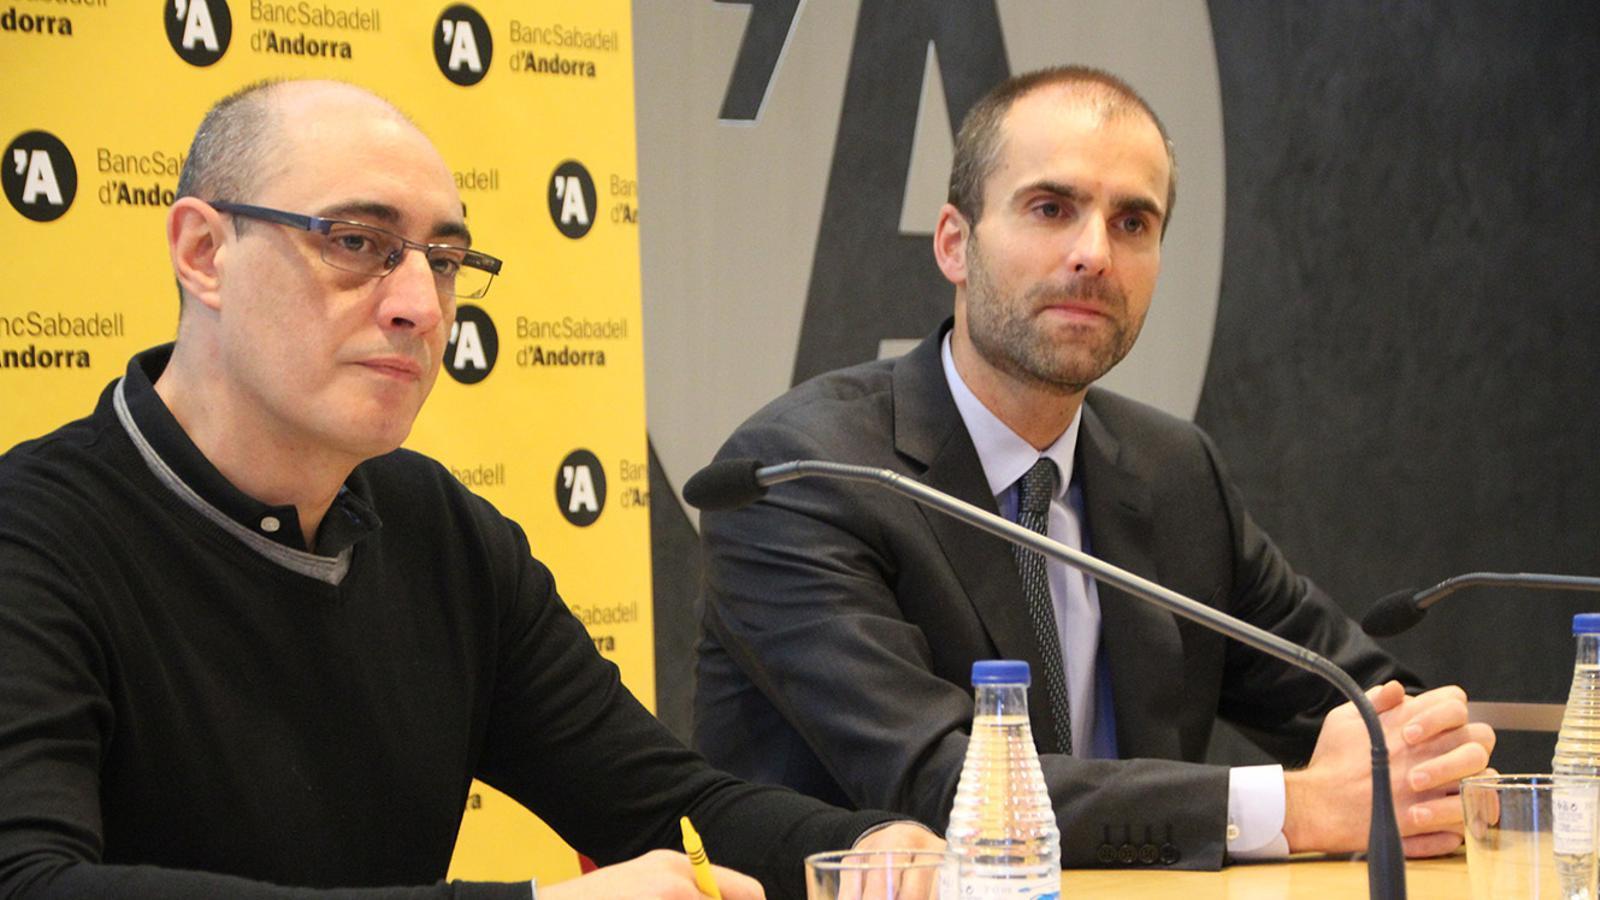 Víctor Martín, de l'Associació i  Gerard Fonolleda, director comercial de BancSabadell d'Andorra